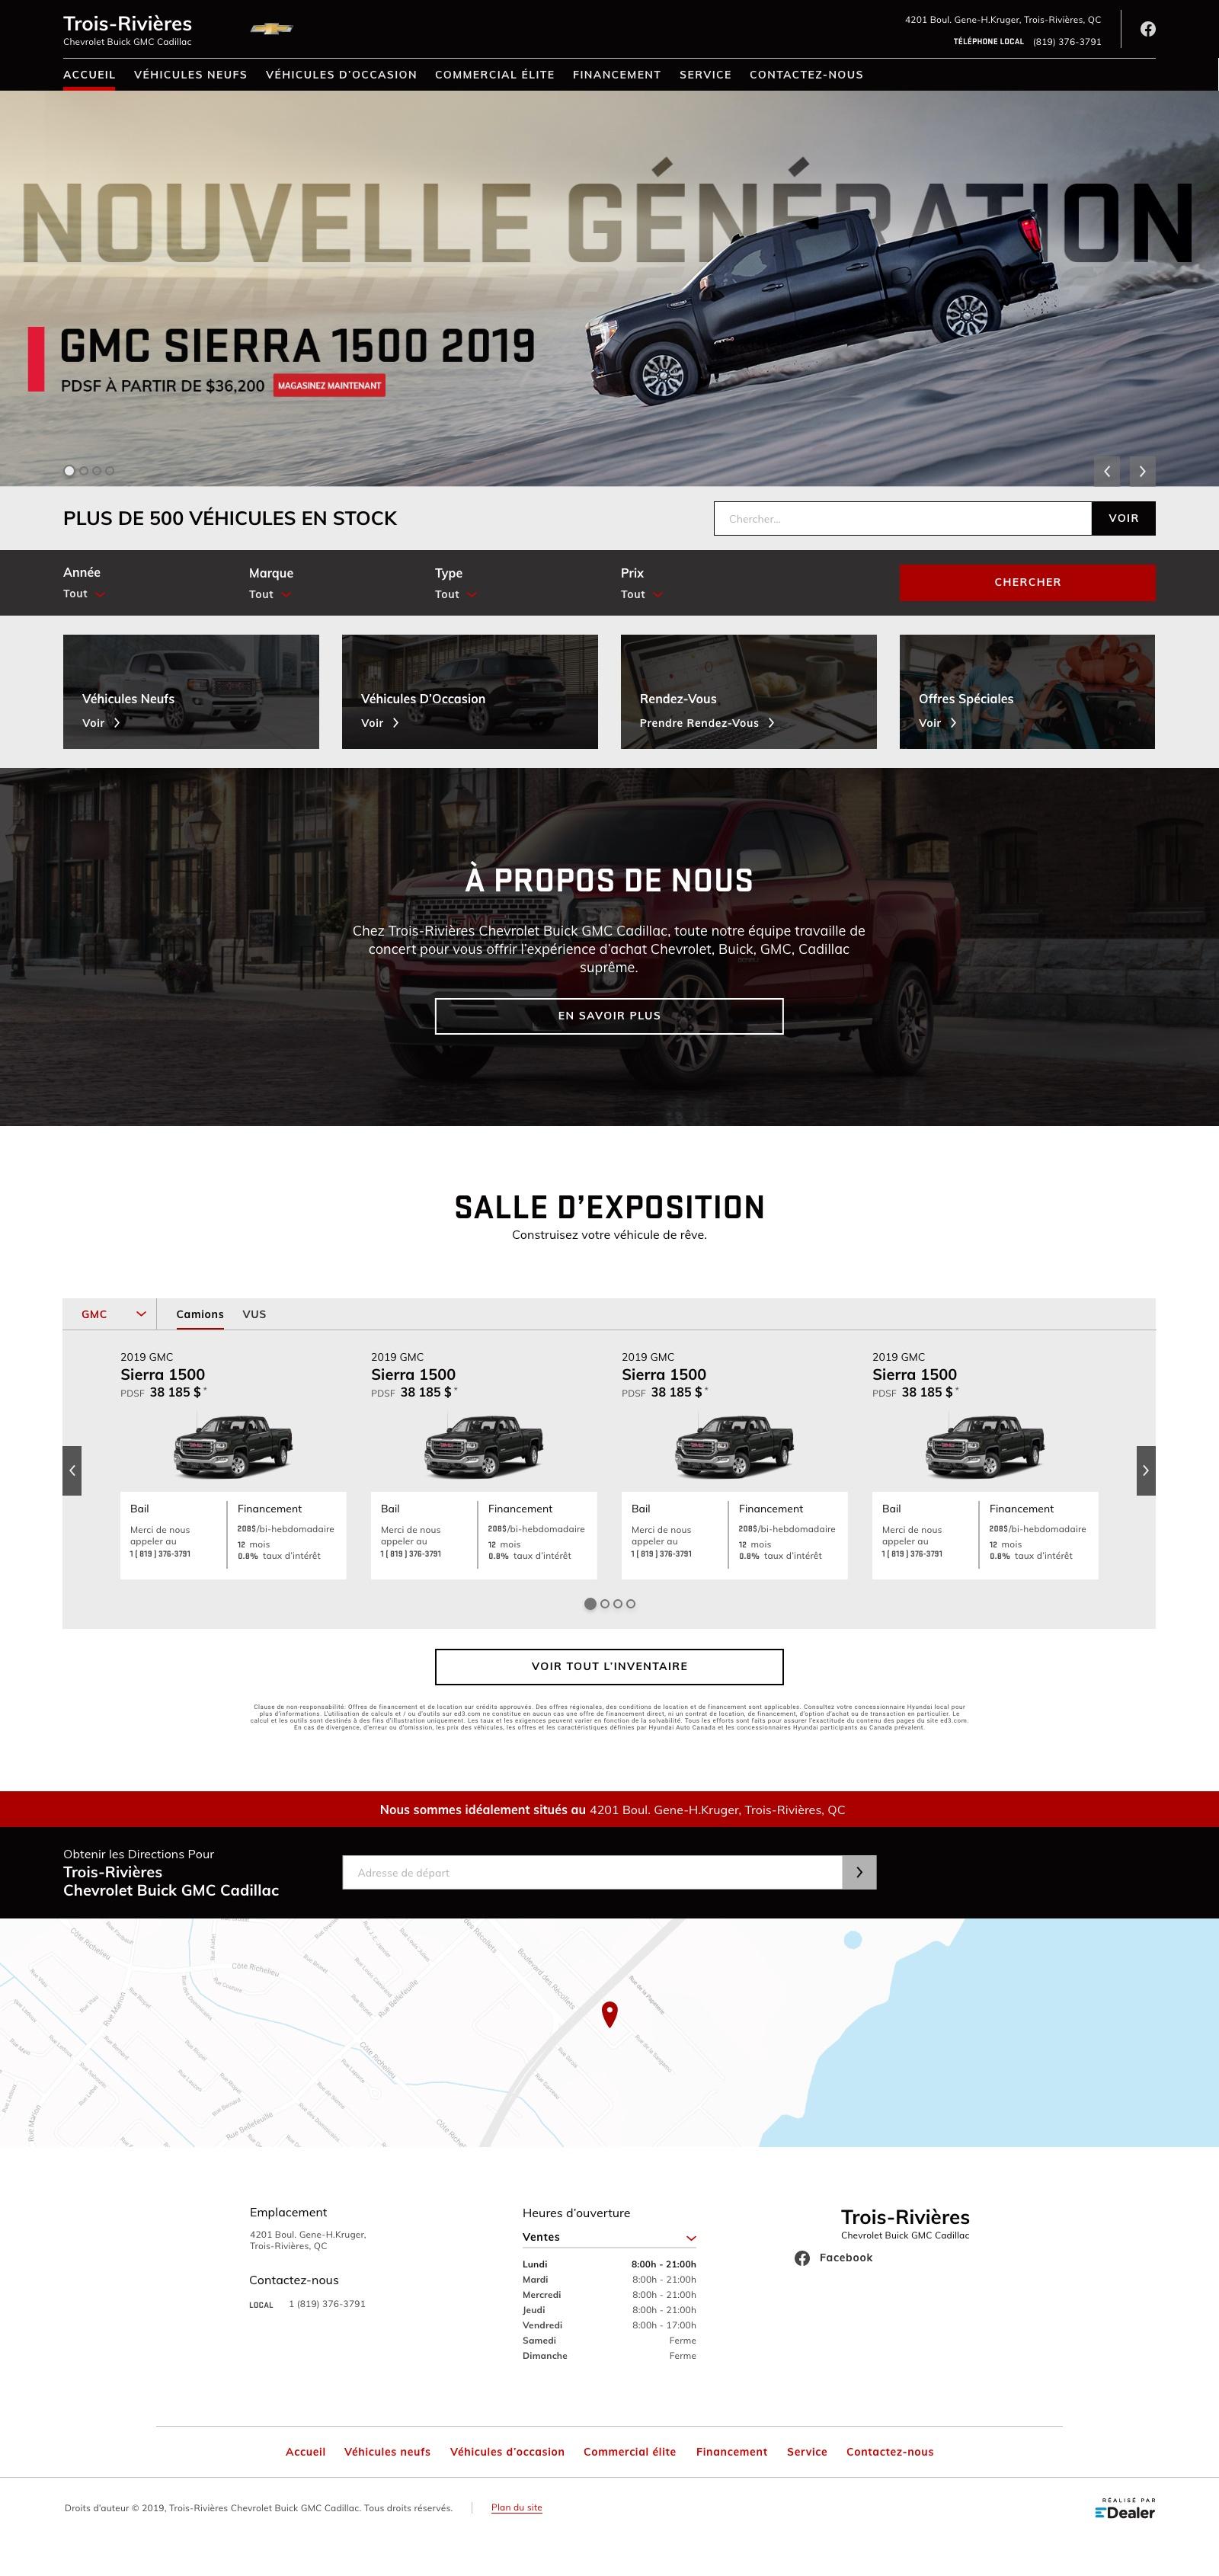 Trois-Rivières Chevrolet Buick GMC Cadillac